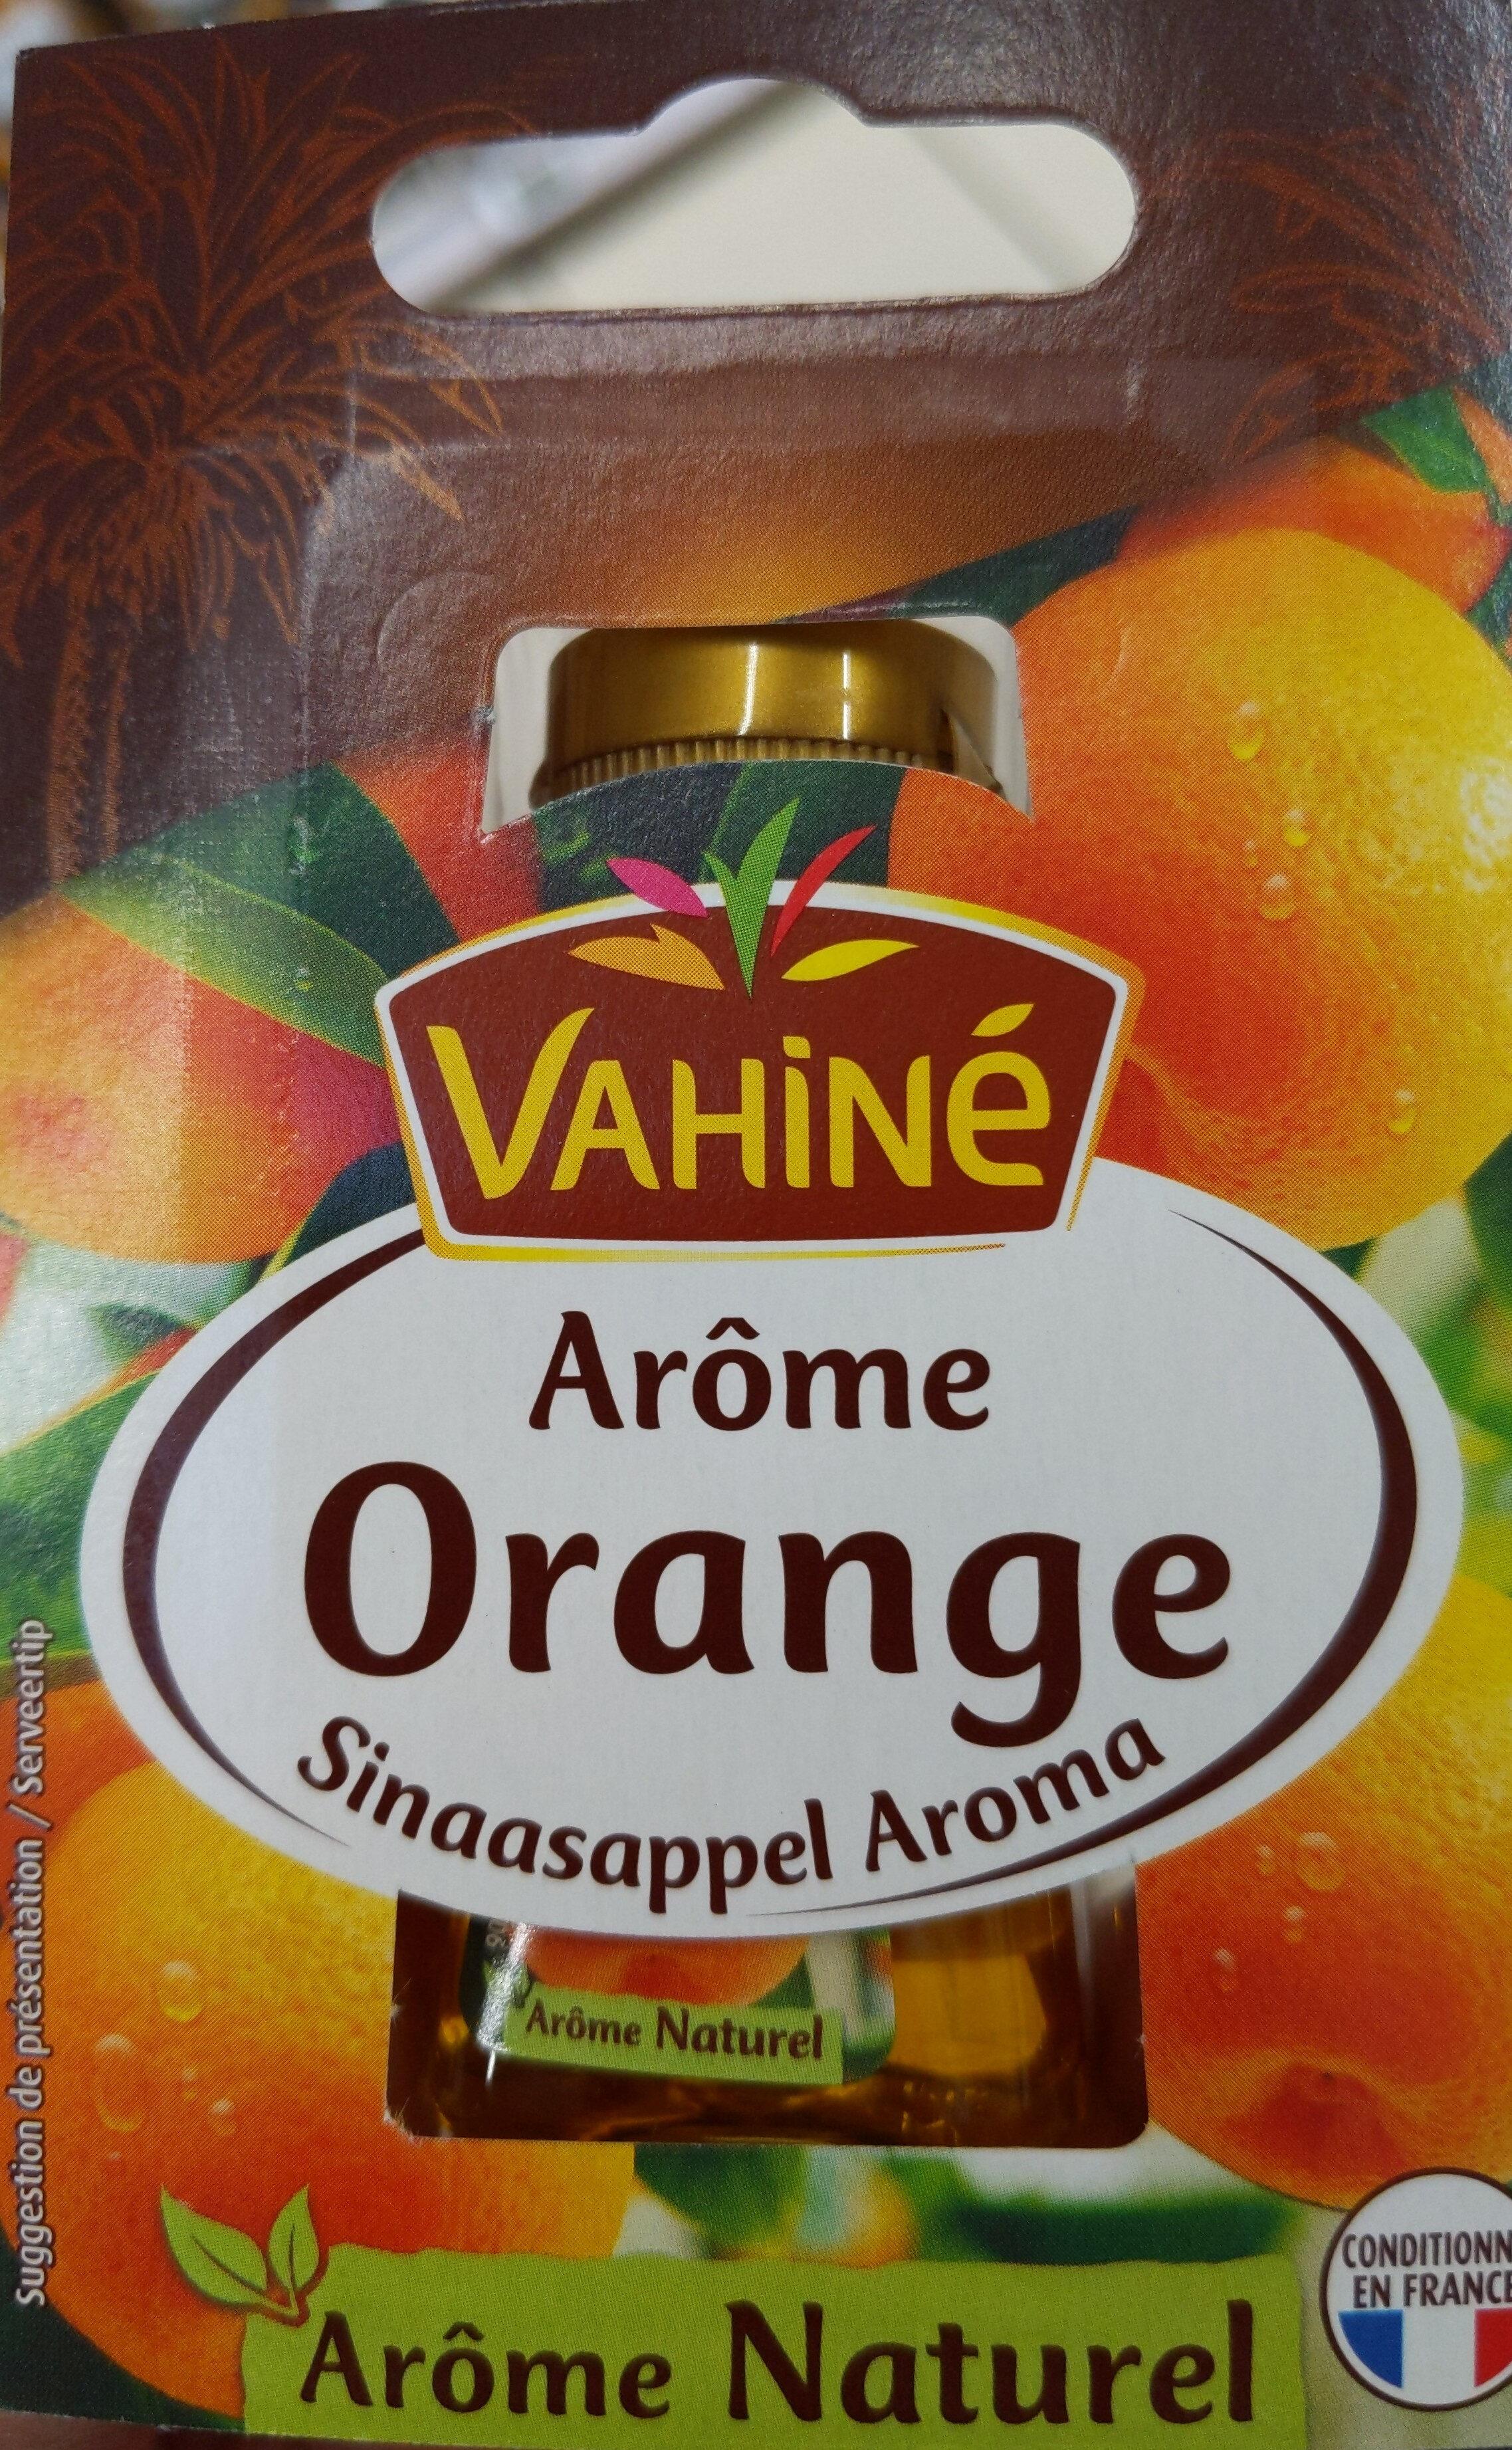 Arôme Naturel D'orange, 20 Millilitres, Marque Vahiné - Product - fr